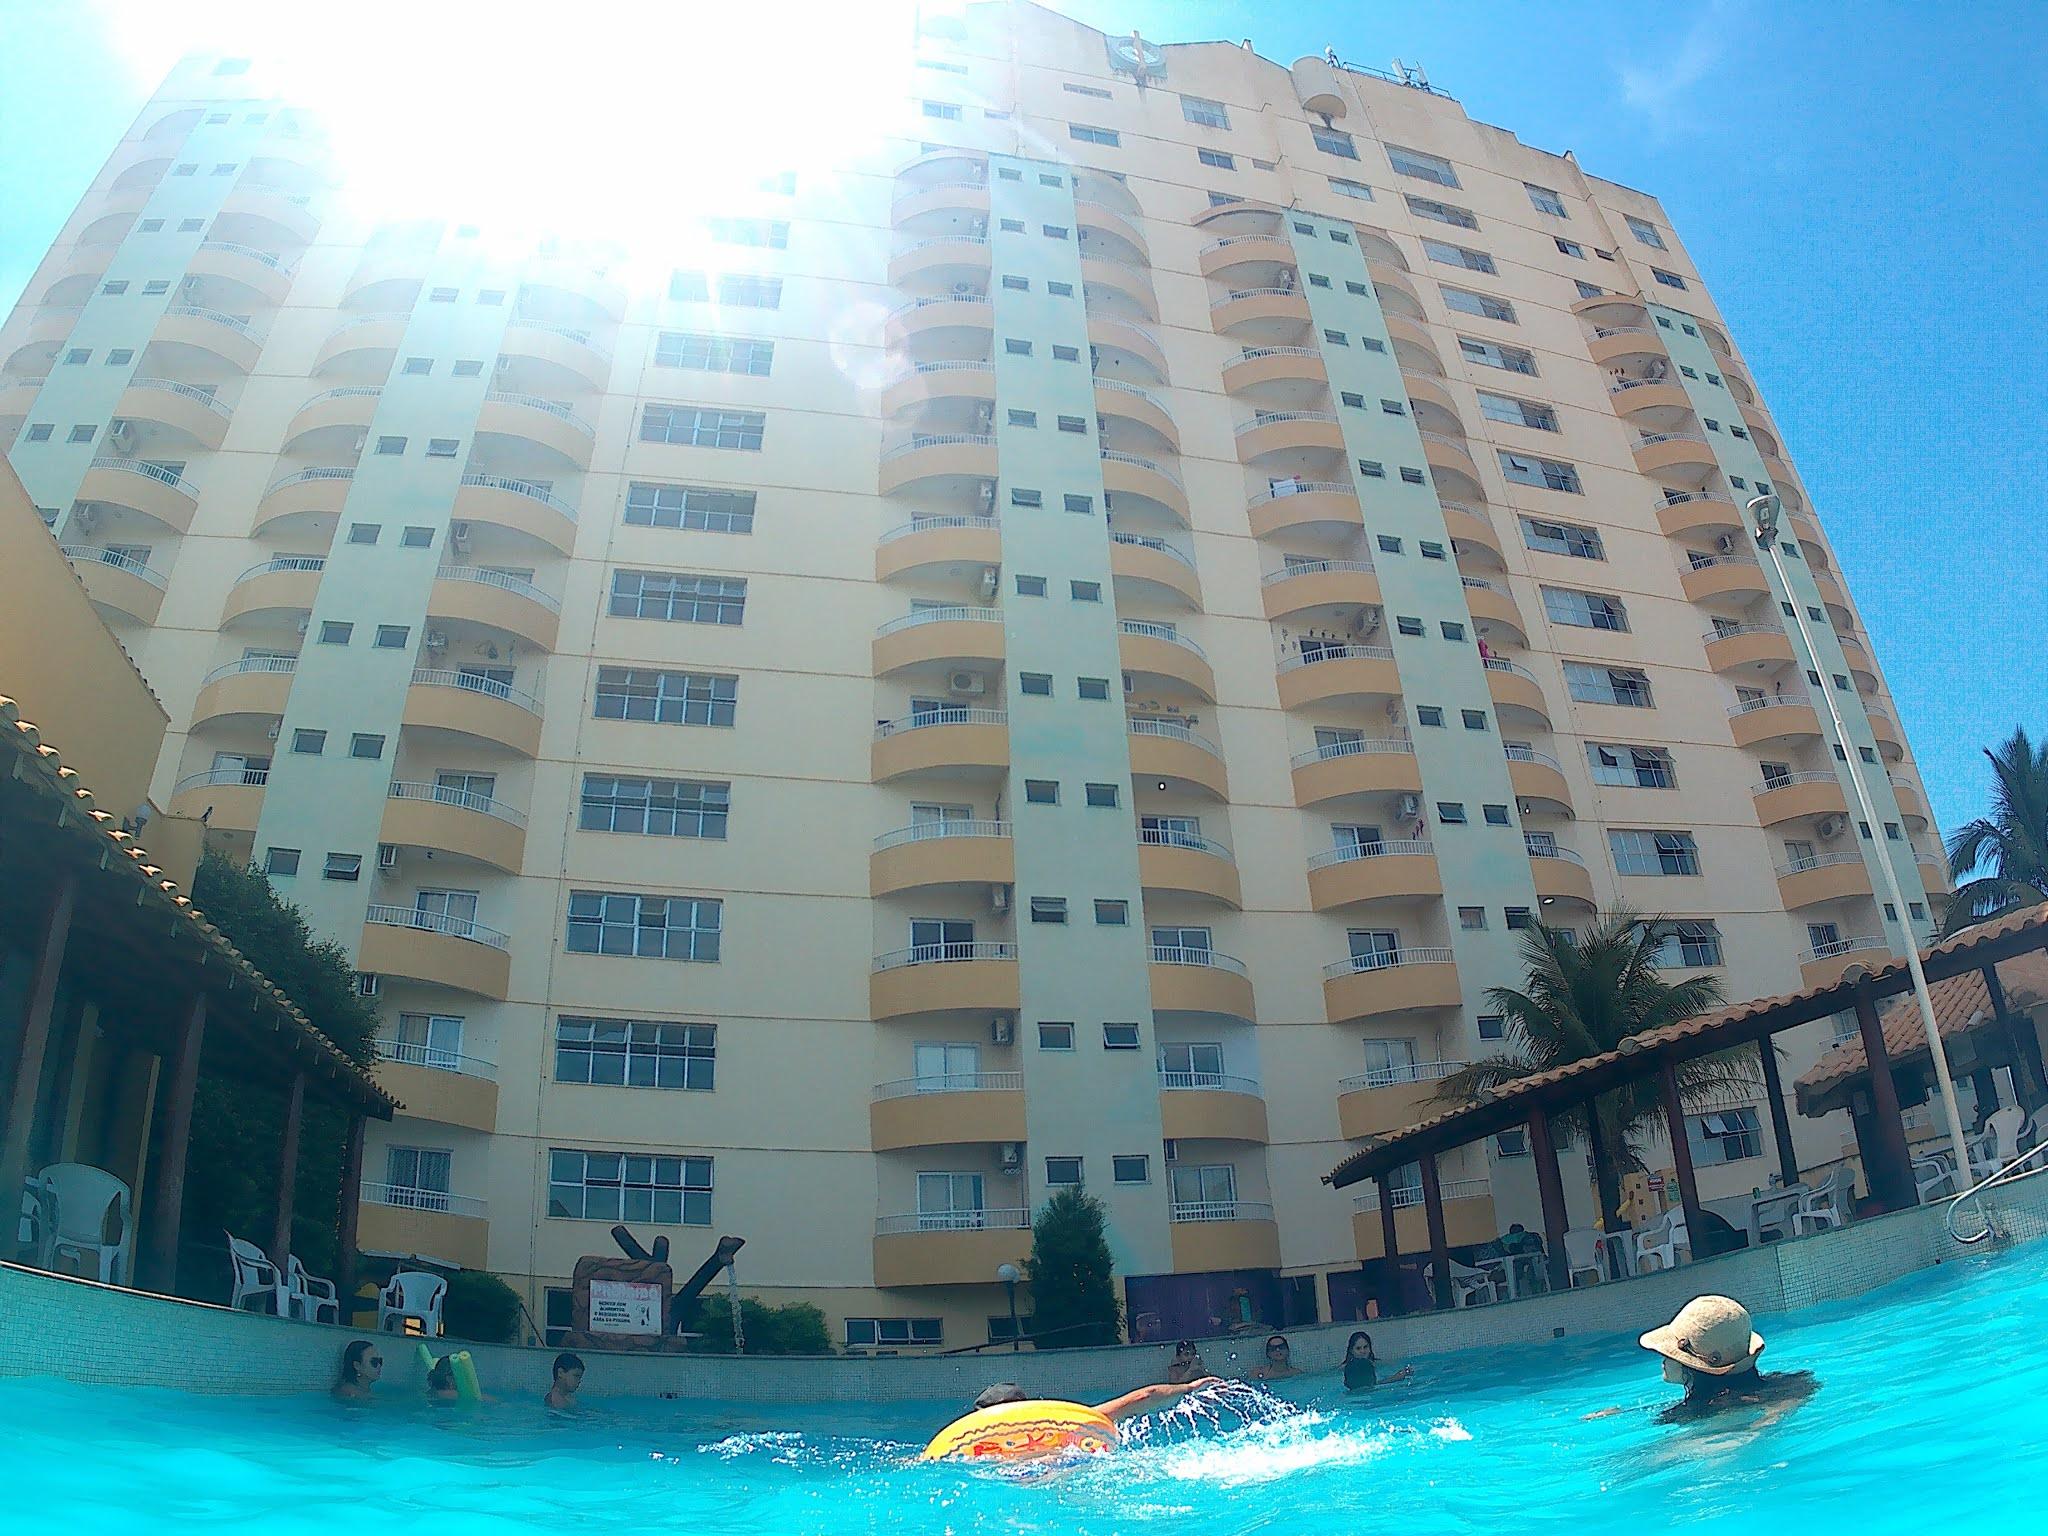 Thermas Place - Caldas Novas - GO